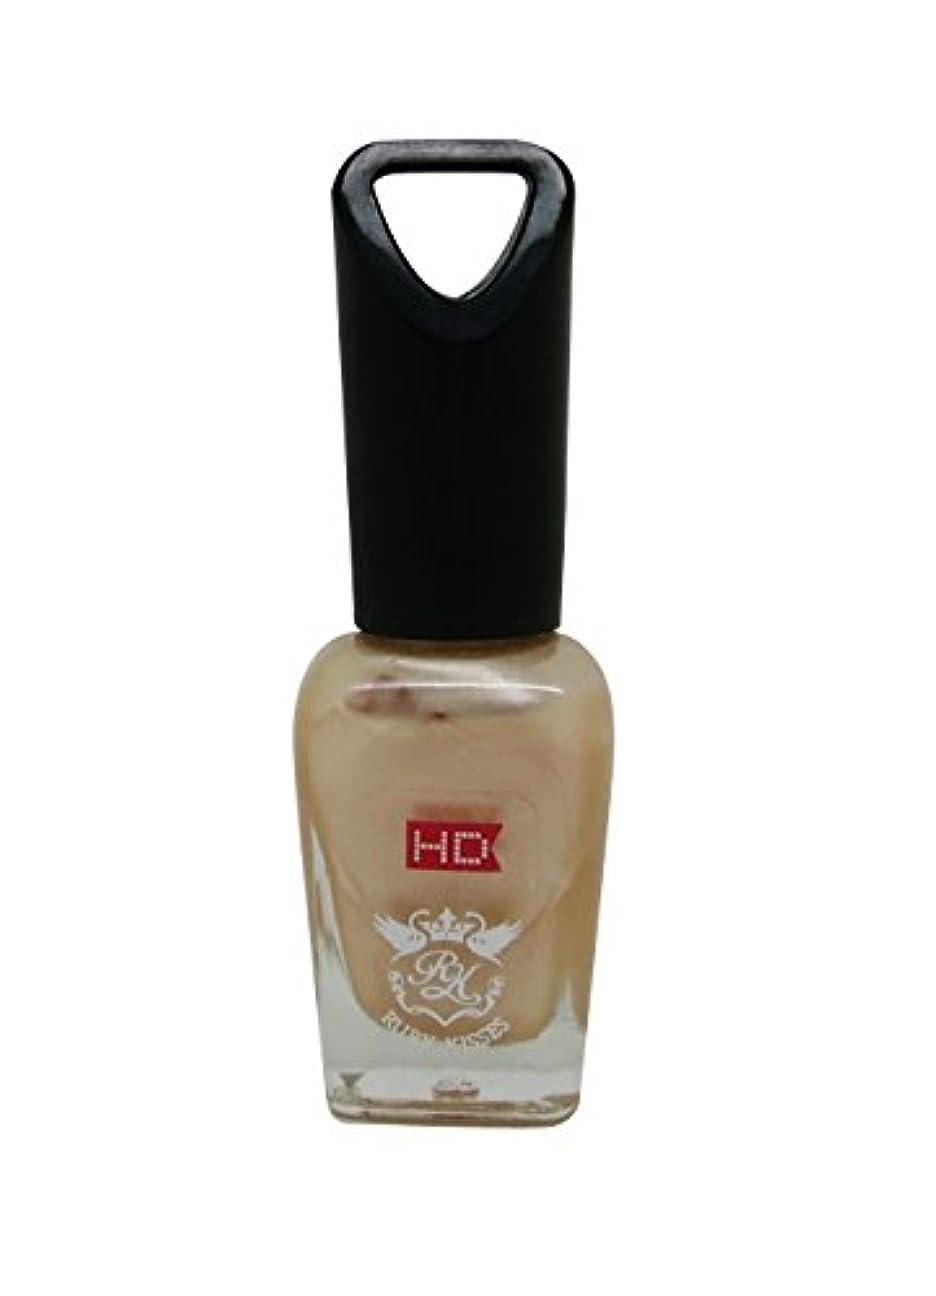 貫入ヘルシー解釈RUBY KISSES mini HD ネイル ポリッシュ MNP315J Pearl Peach 8ml